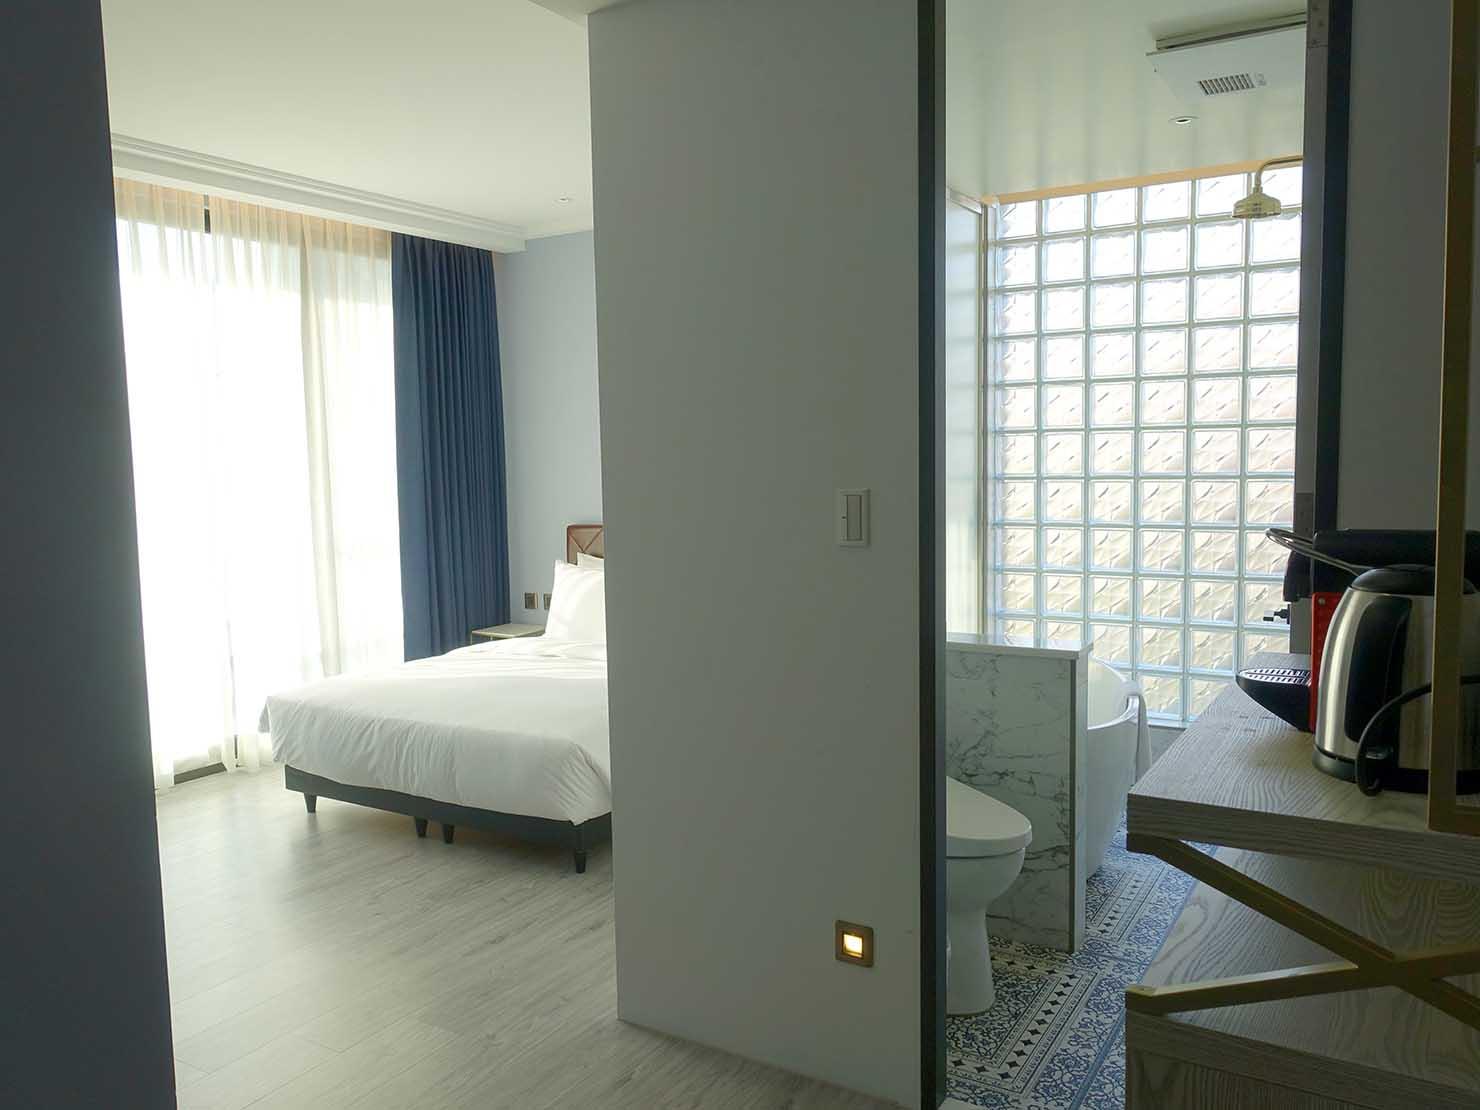 台北・大安の最高におしゃれなブティックホテル「chez nous 司旅」經典房(クラシックルーム)の間取り